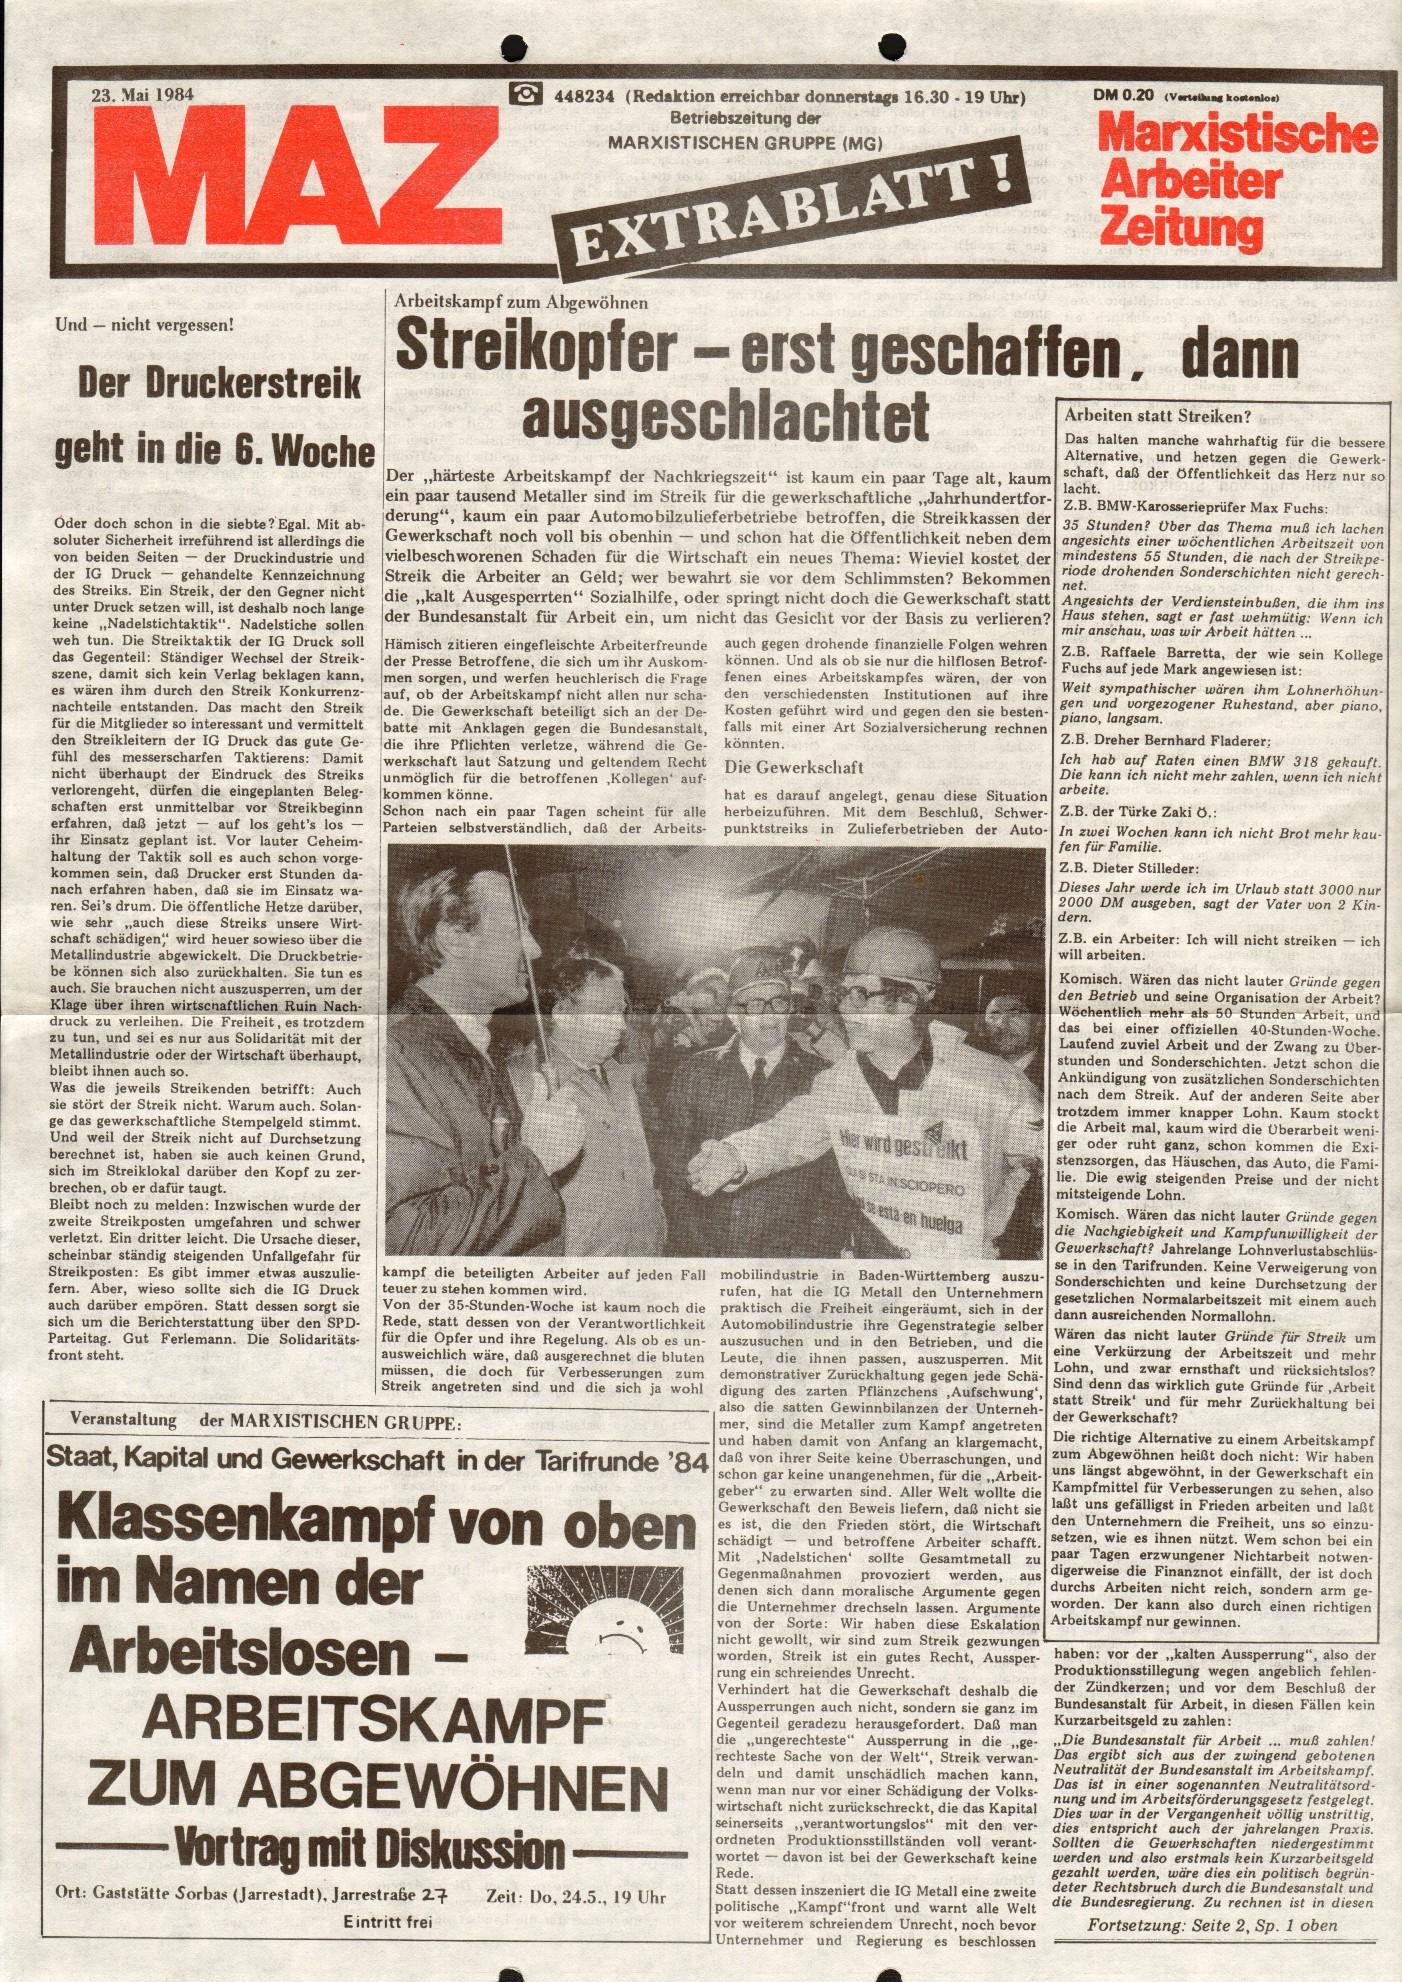 Hamburg_MG_MAZ_19840523_01